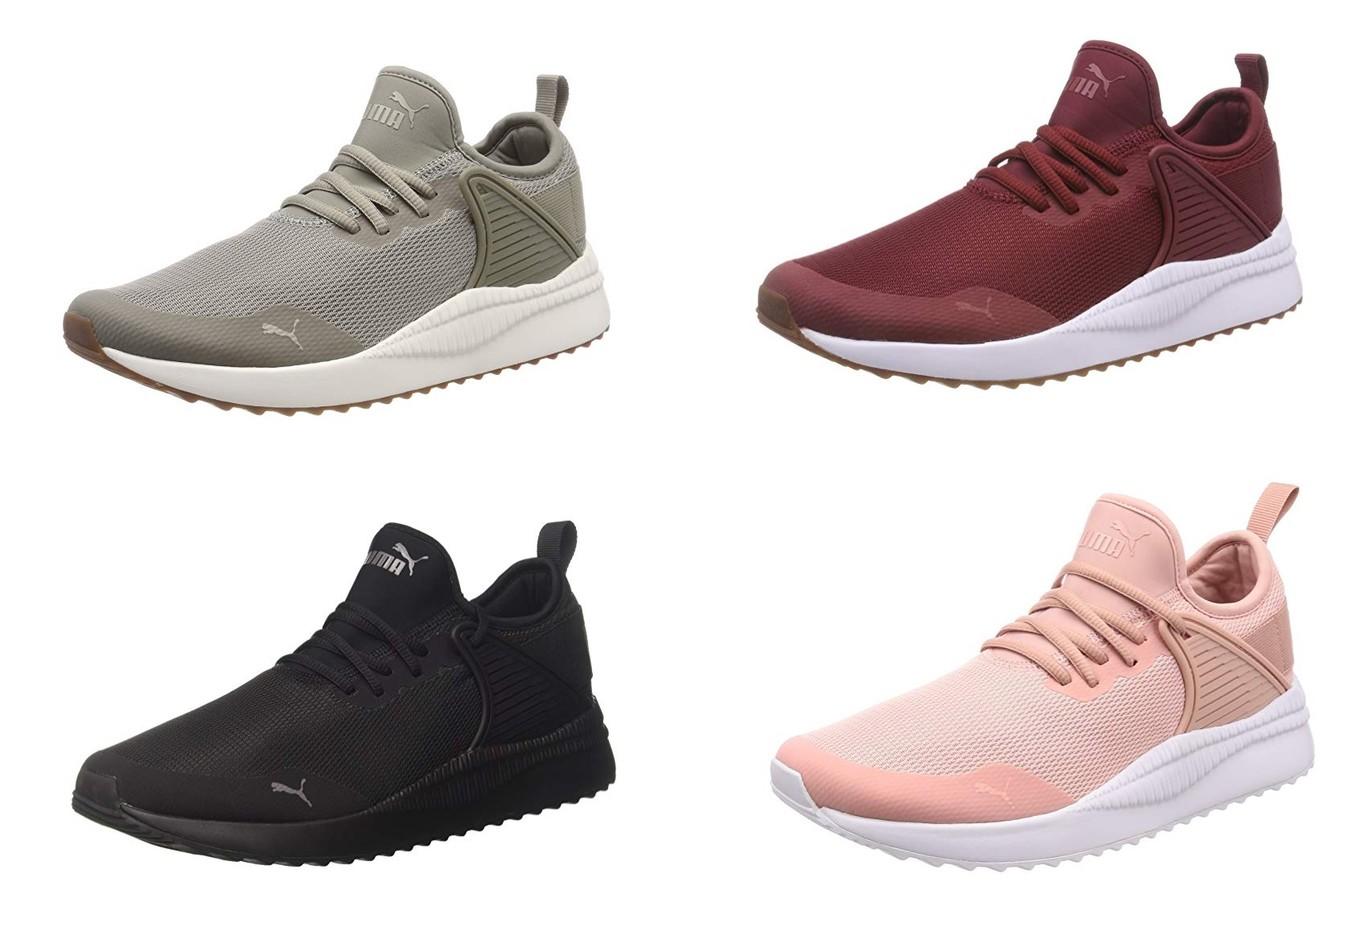 brand new 37234 21e8e Desde 36,33 euros podemos hacernos con estas zapatillas Puma Pacer Next  Cage gracias a Amazon